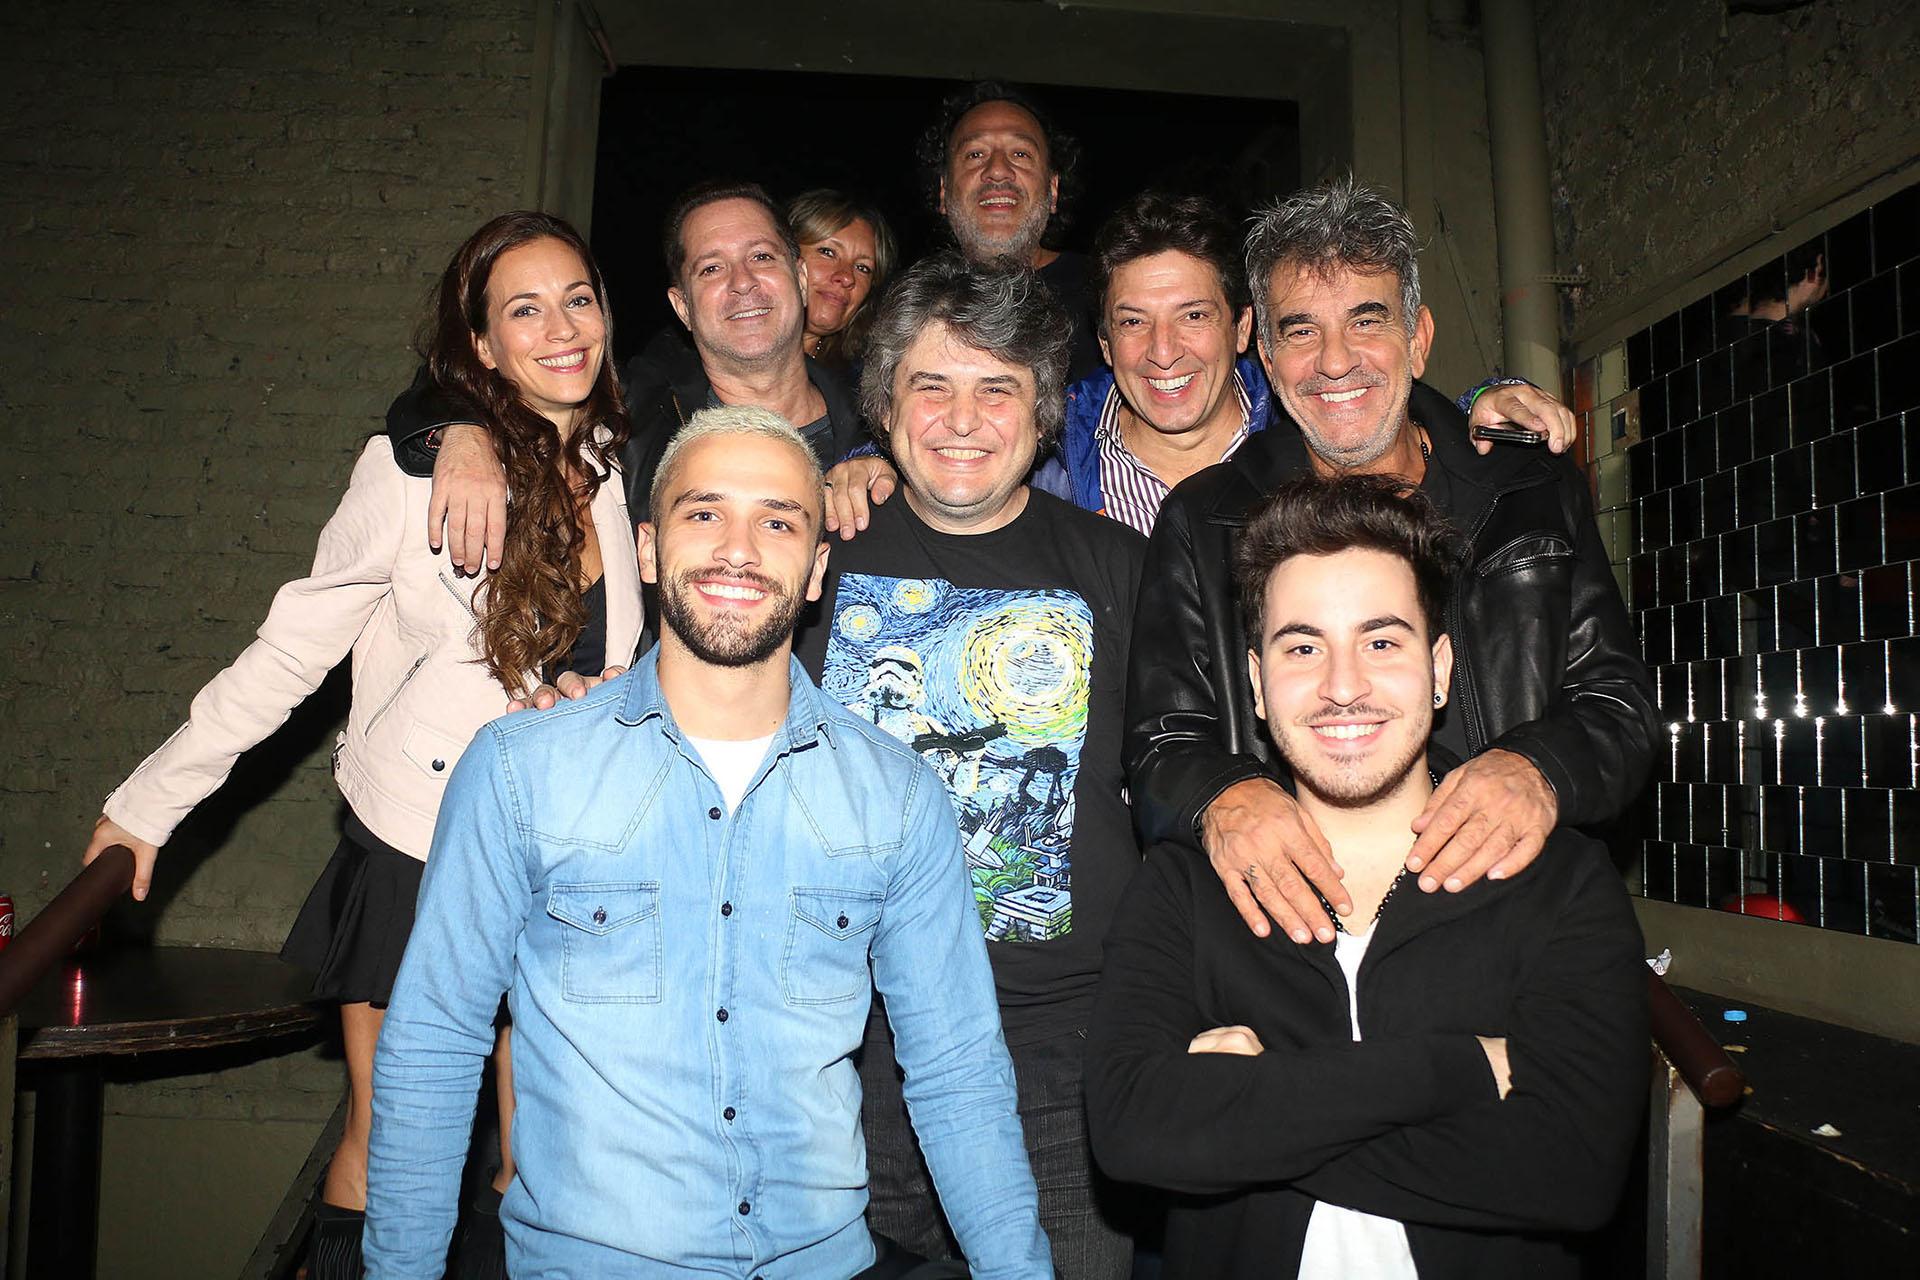 Miguel Ángel Rodríguez y su hijo Imanol, Paul Kirzner y su mujer, Sergio Gonal, otros